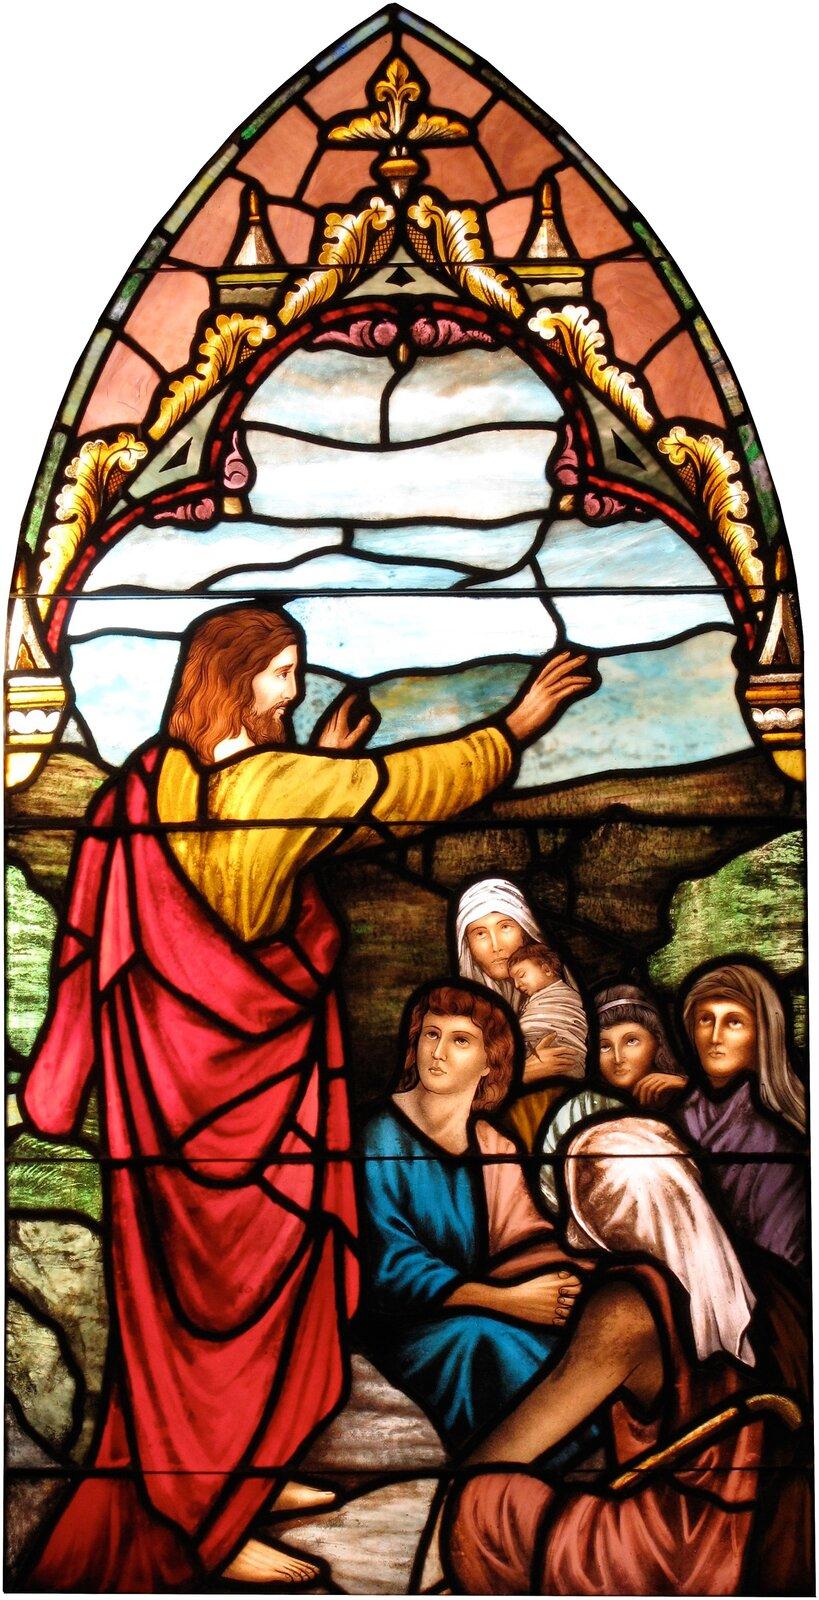 Witraż przedstawiający nauczanie Jezusa. Pierwszymi uczniami Jezusa było dwunastu apostołów Witraż przedstawiający nauczanie Jezusa. Pierwszymi uczniami Jezusa było dwunastu apostołów Źródło: Cadetgray, Wikimedia Commons, licencja: CC BY-SA 3.0.